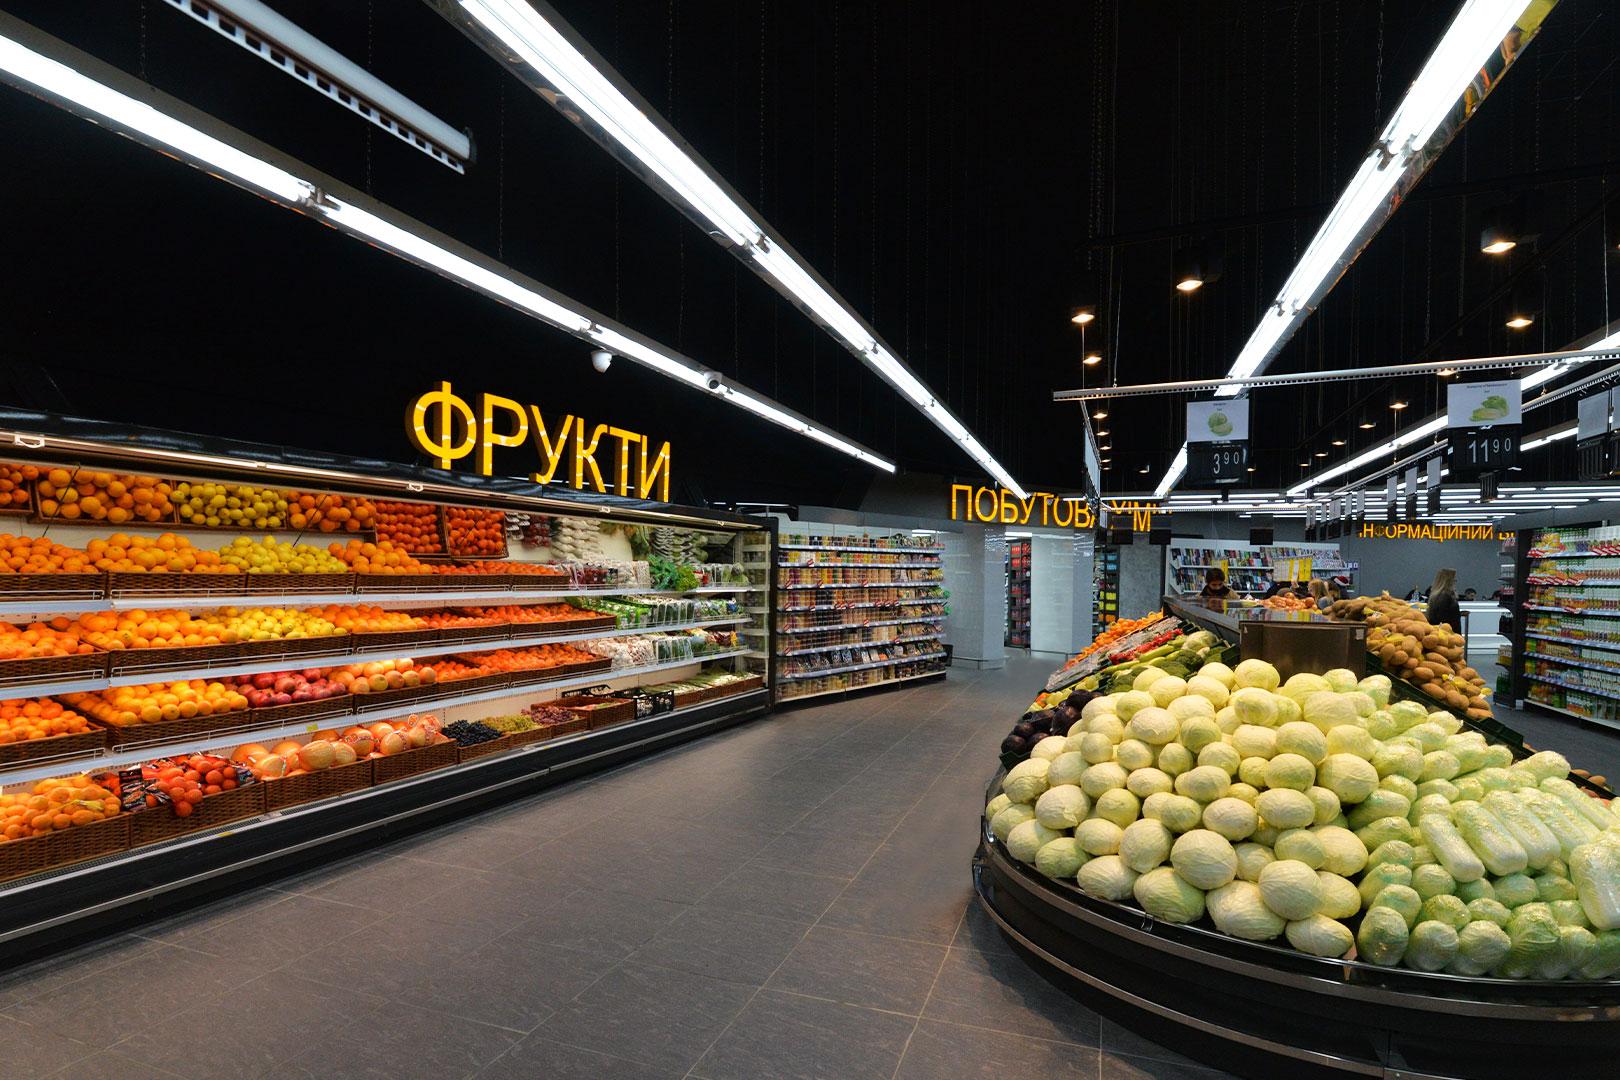 """Специализированные витрины для продажи овощей и фруктов Indiana MV 080 FV O 220-DLM, Indiana VF MC 130 VF self 140-DLM в супермаркете """"Рост"""""""